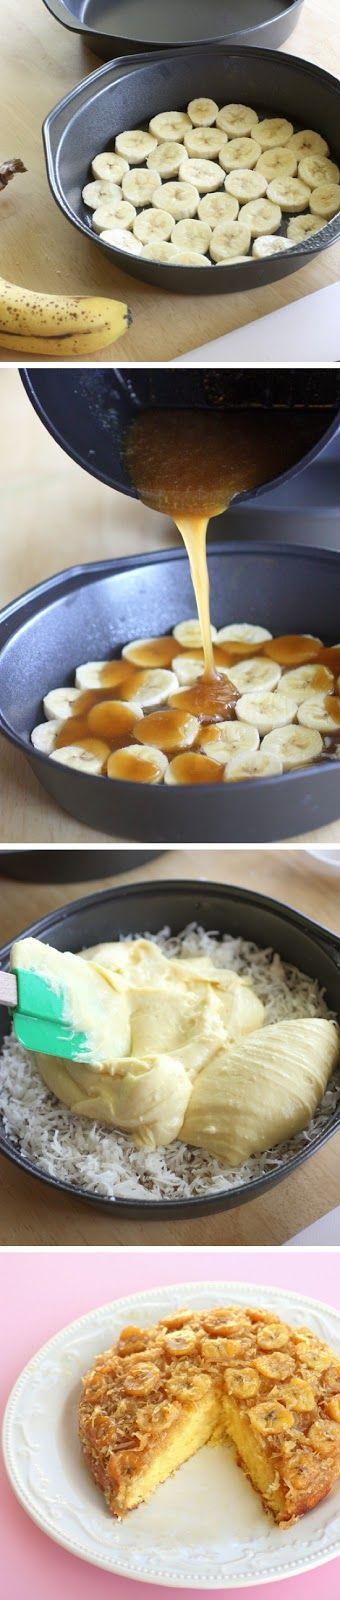 Bolo de banana de ponta a cabeça.  meio copo de açúcar mascavo e meio copo de  manteiga para o caramelo Banana em rodelas, coco ralado e  nistura.para bolo caseira de leite ou baunilha